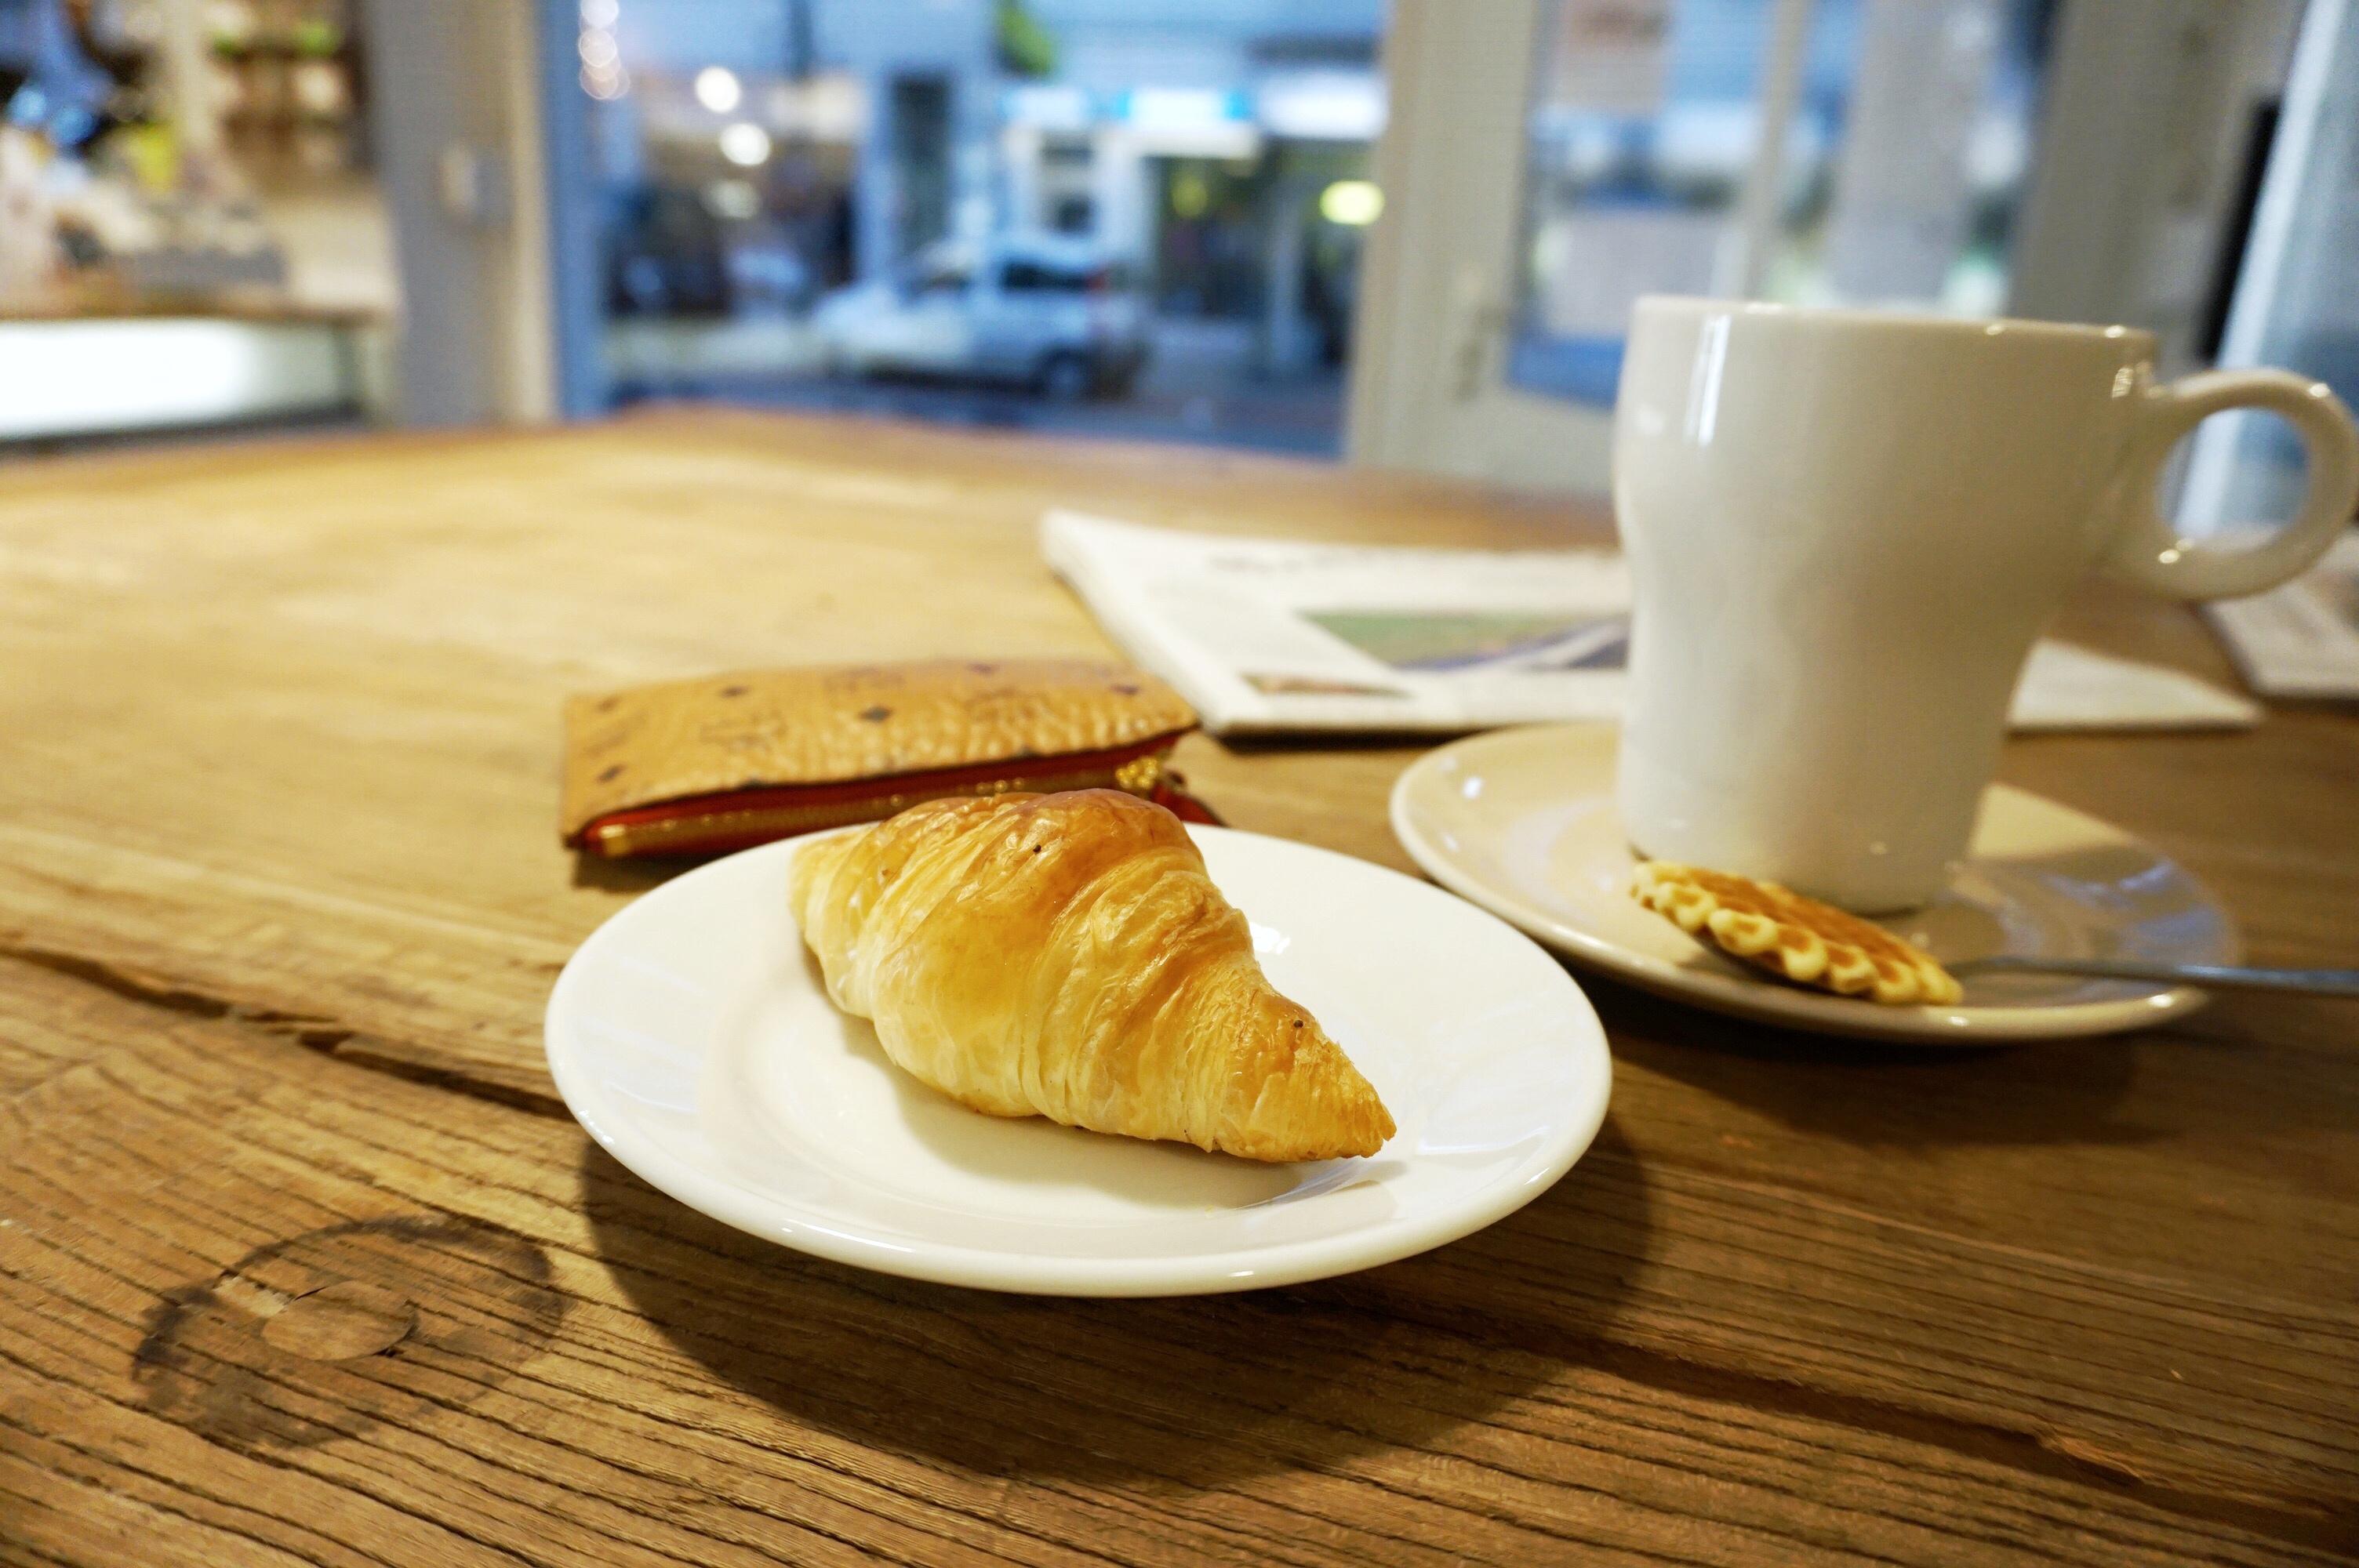 Cafe Cultura Bonn Beuel Kaffeetrinken Kuchen Essen Blog Frühstück